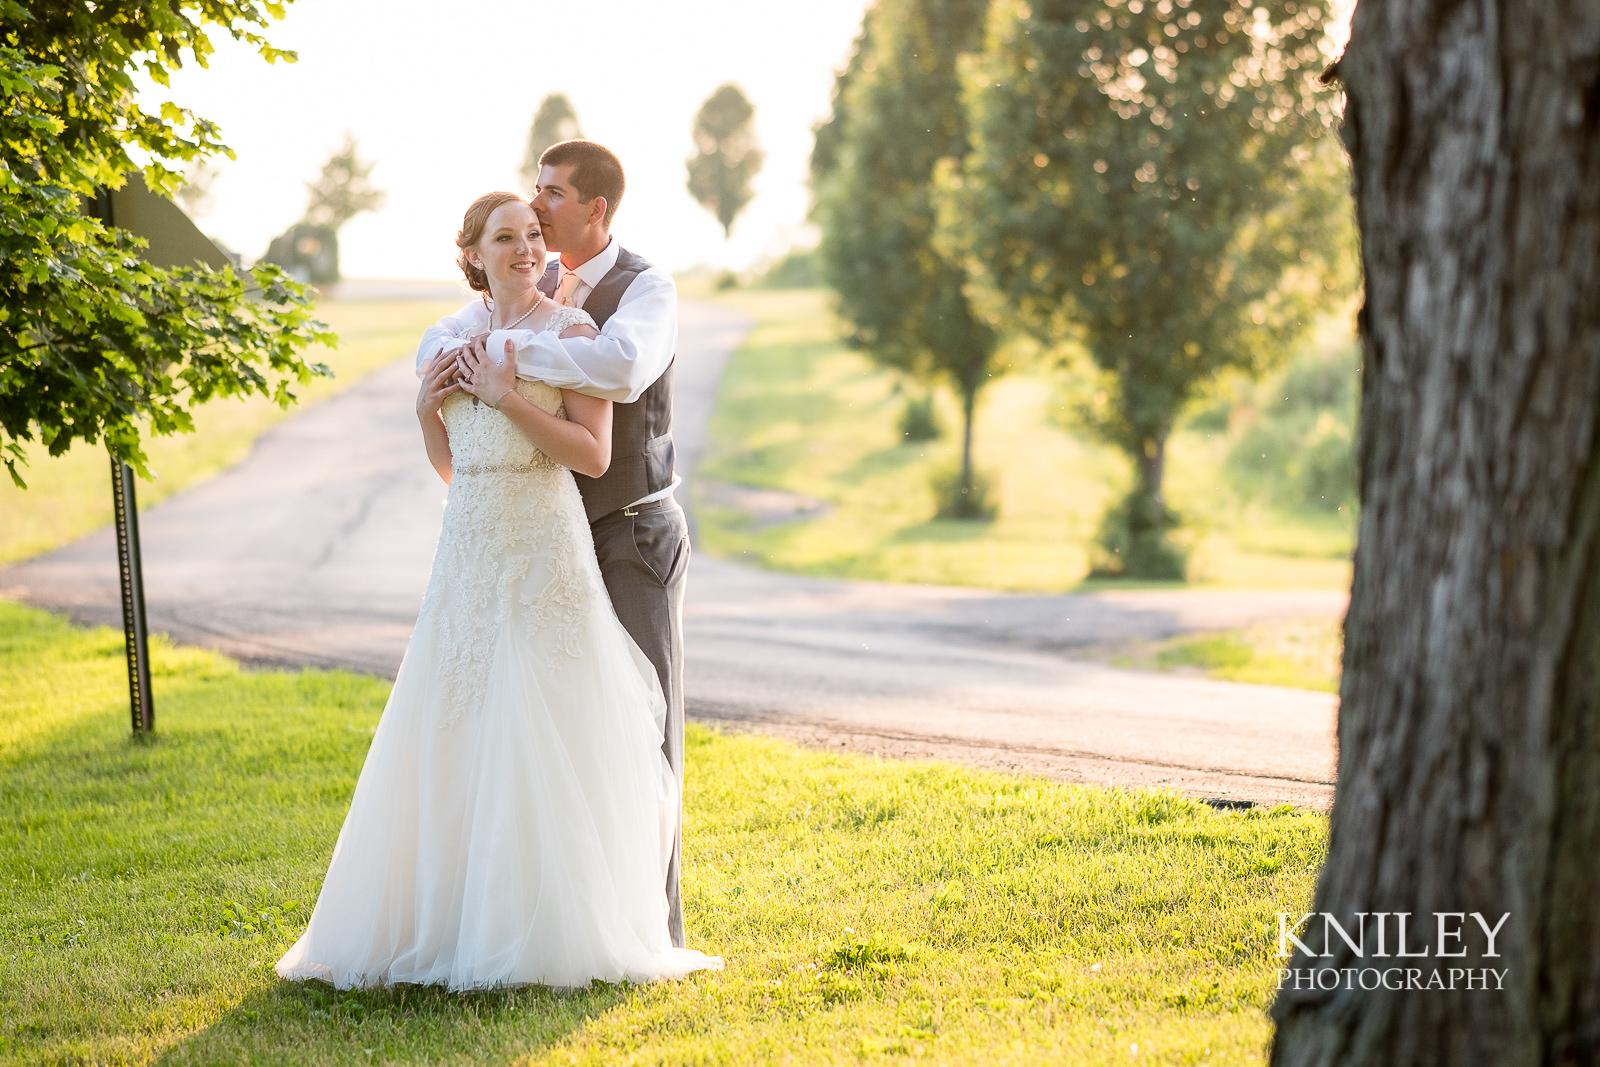 126 - Sodus Bay Heights Golf Club Wedding Pictures -XT2A5118.jpg